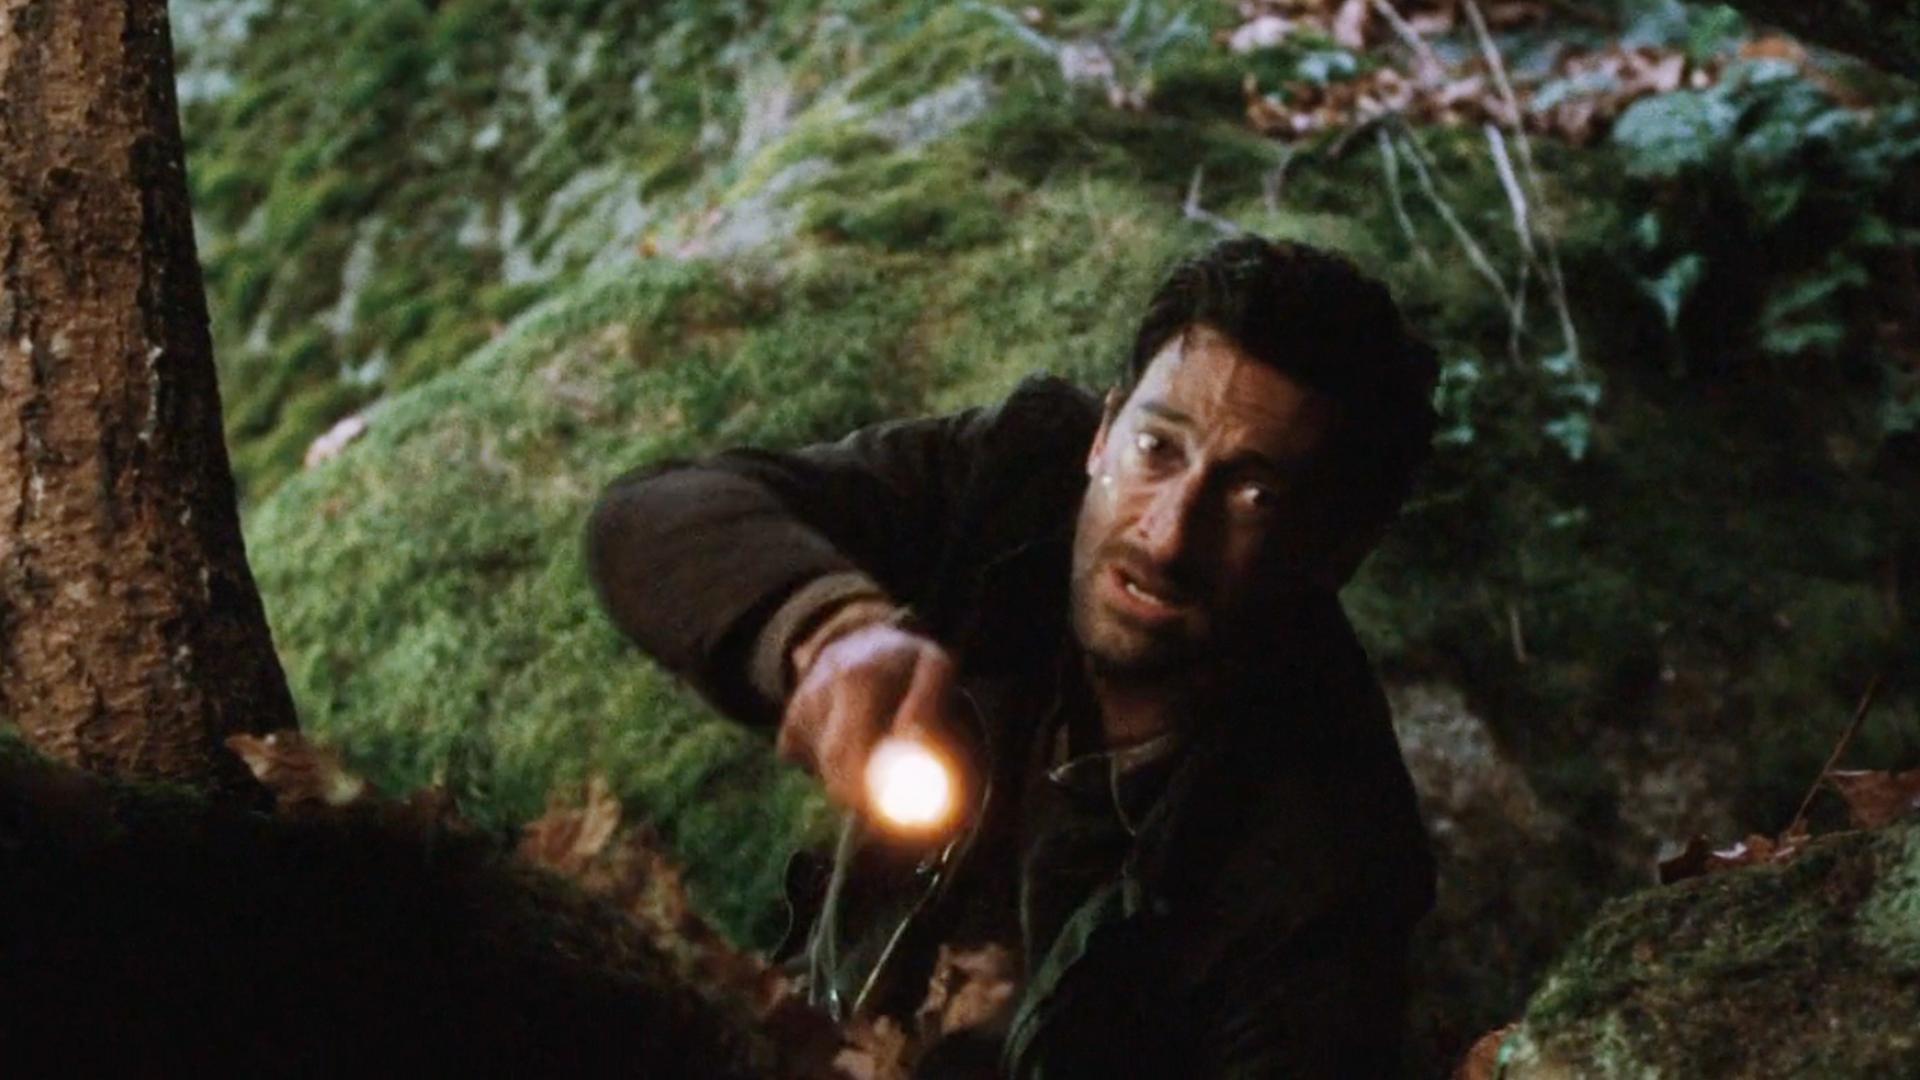 男子被困荒野,在个山洞意外发现手机,却被里面的景象吓到